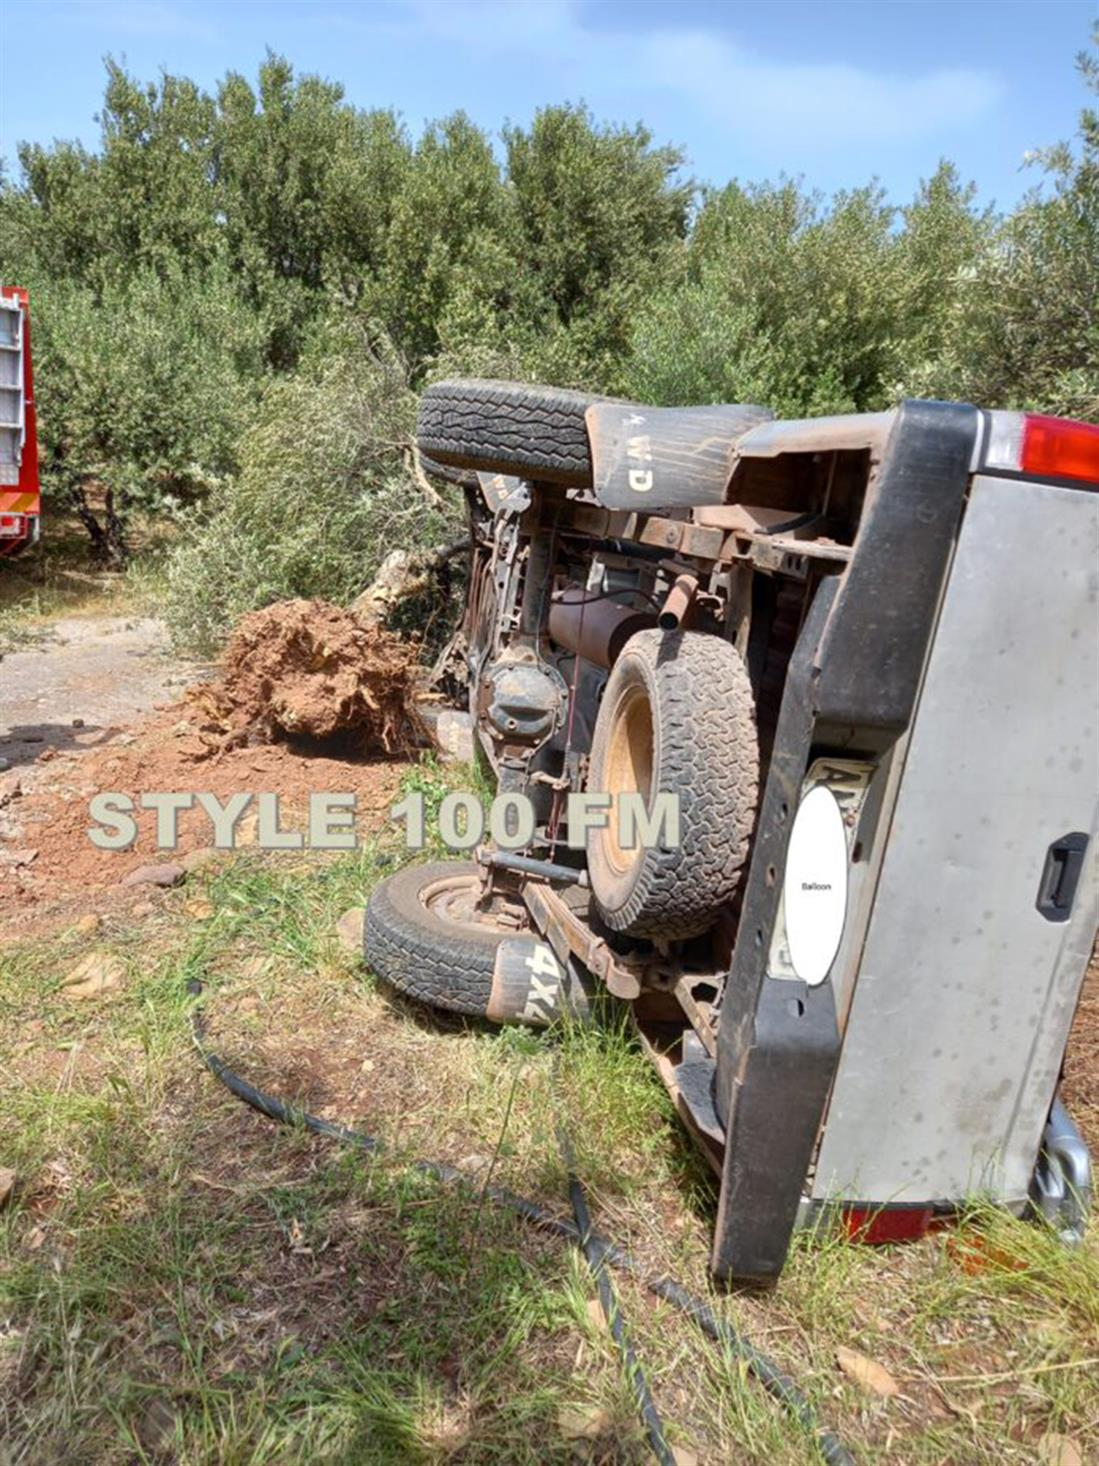 Κρήτη - τροχαίο δυστύχημα - Σητεία